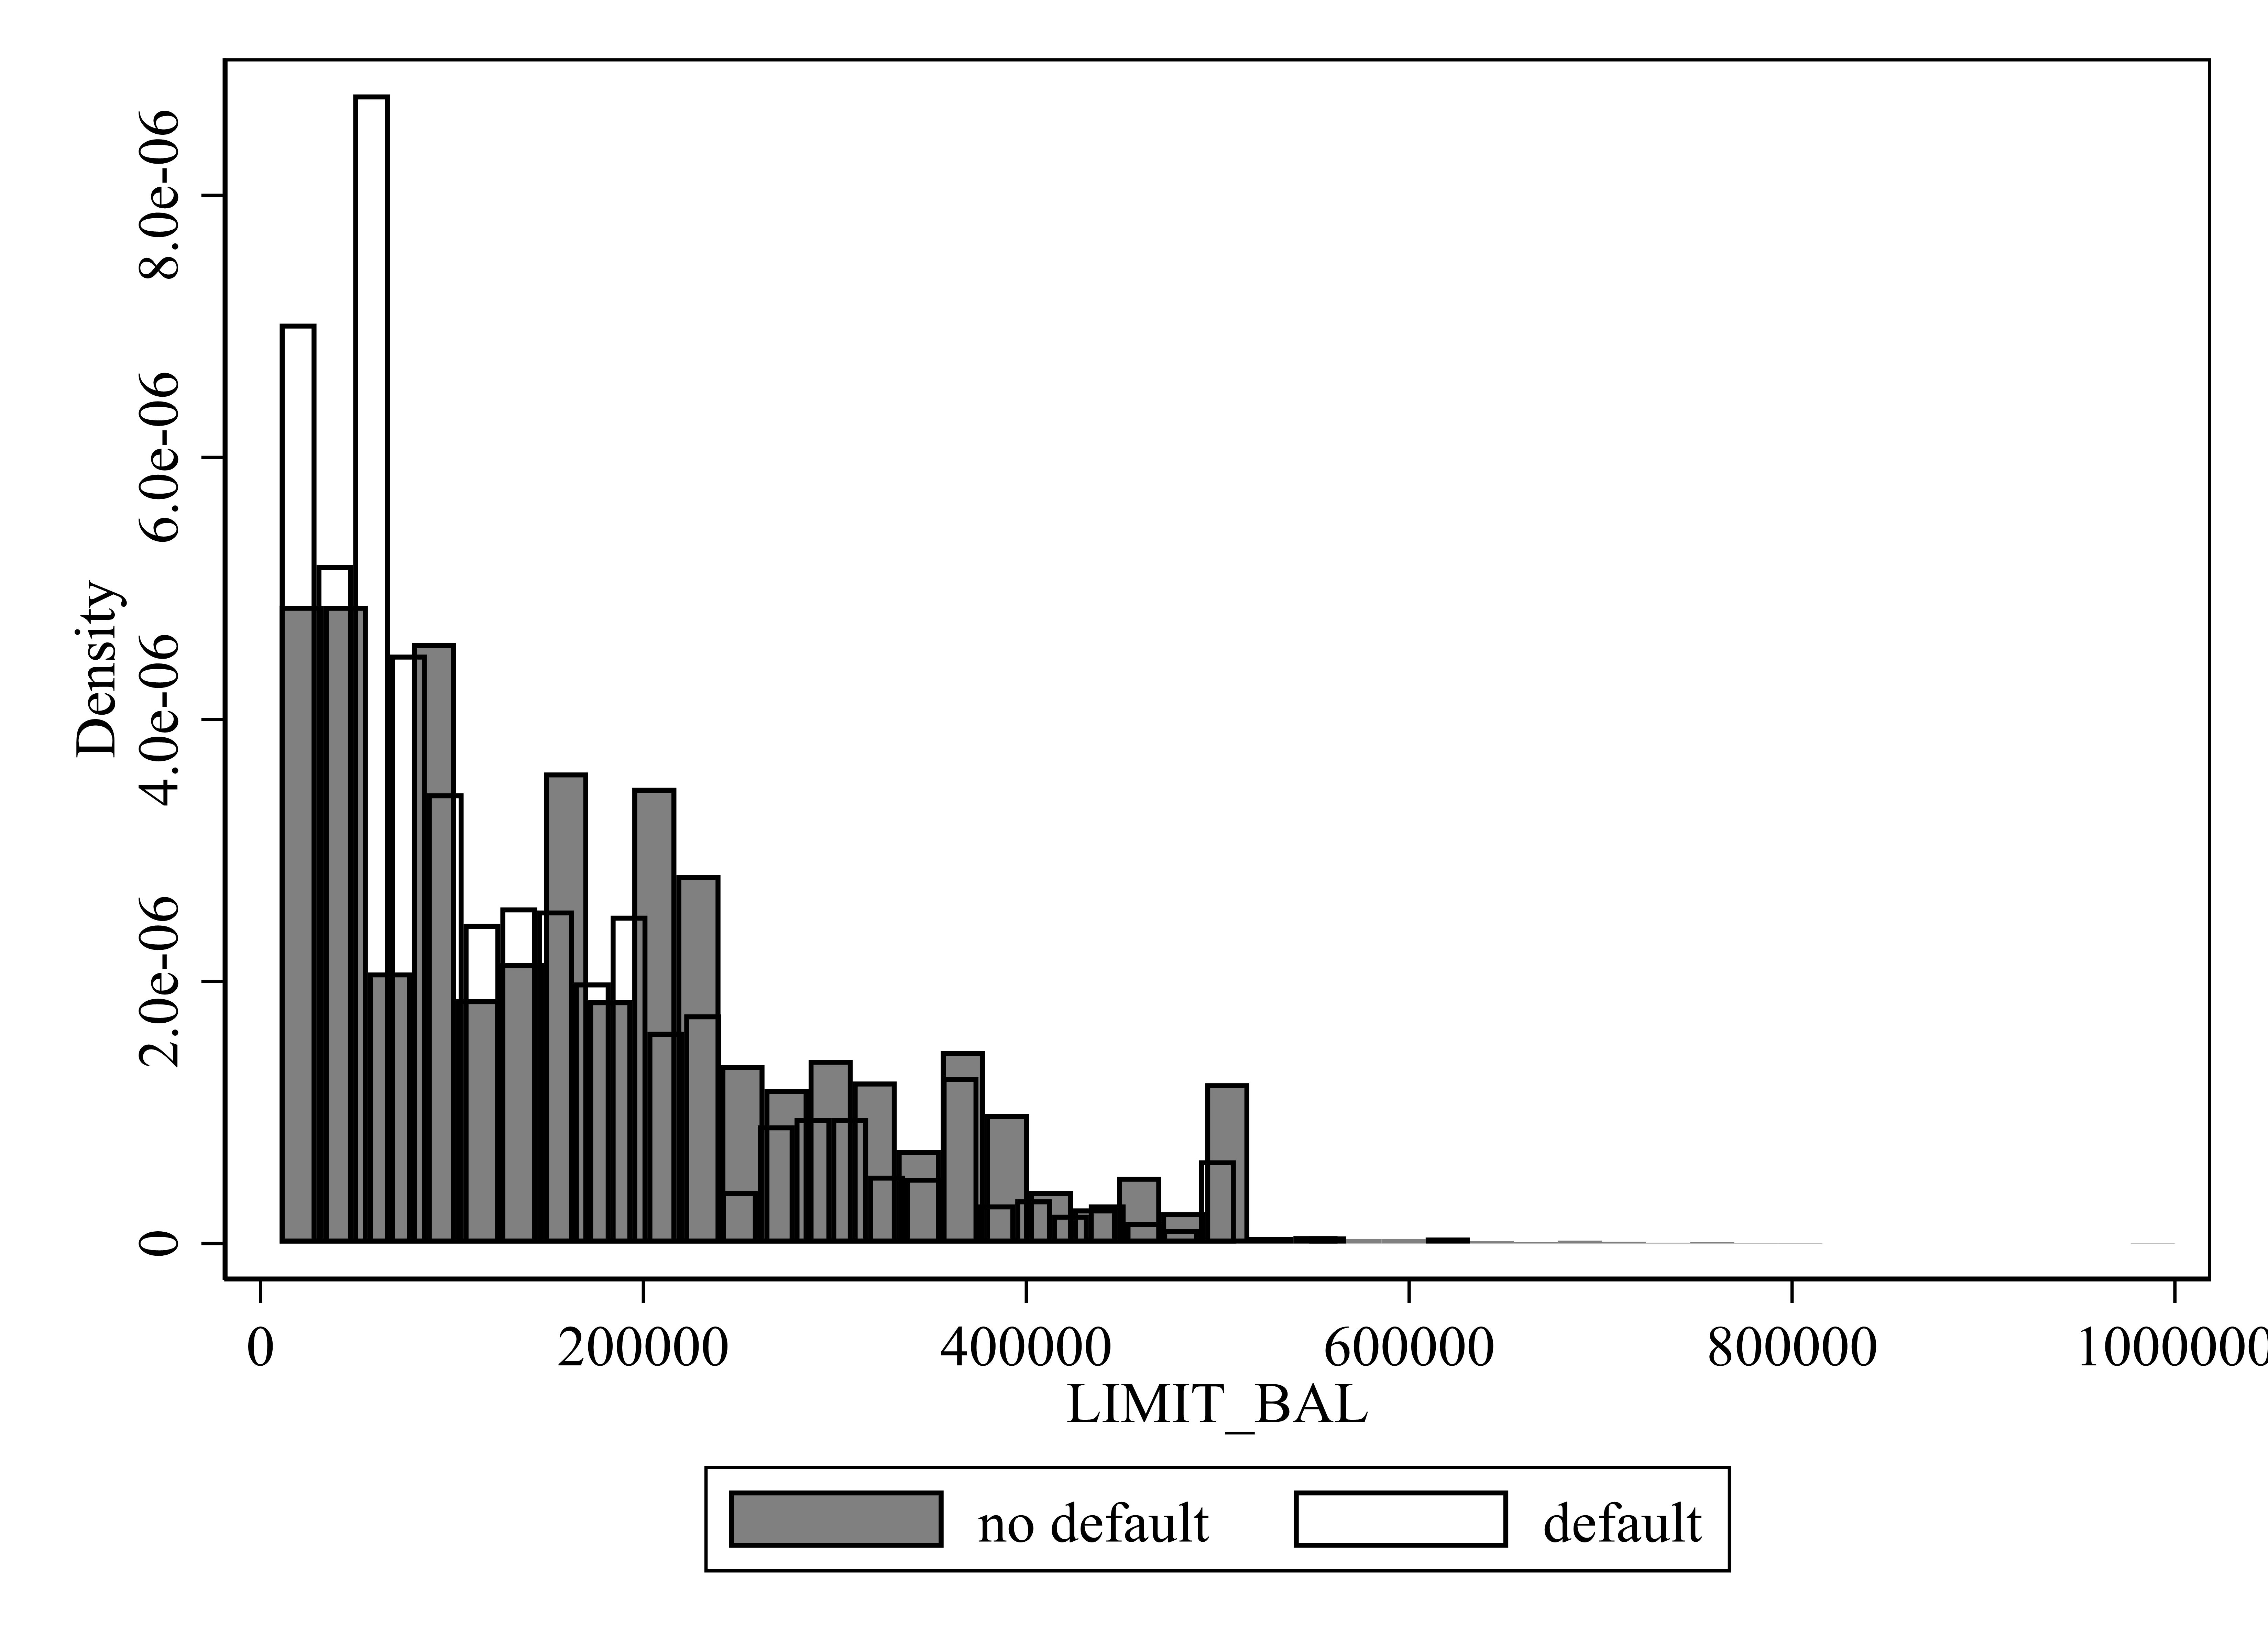 图 6:每月支出限额的直方图